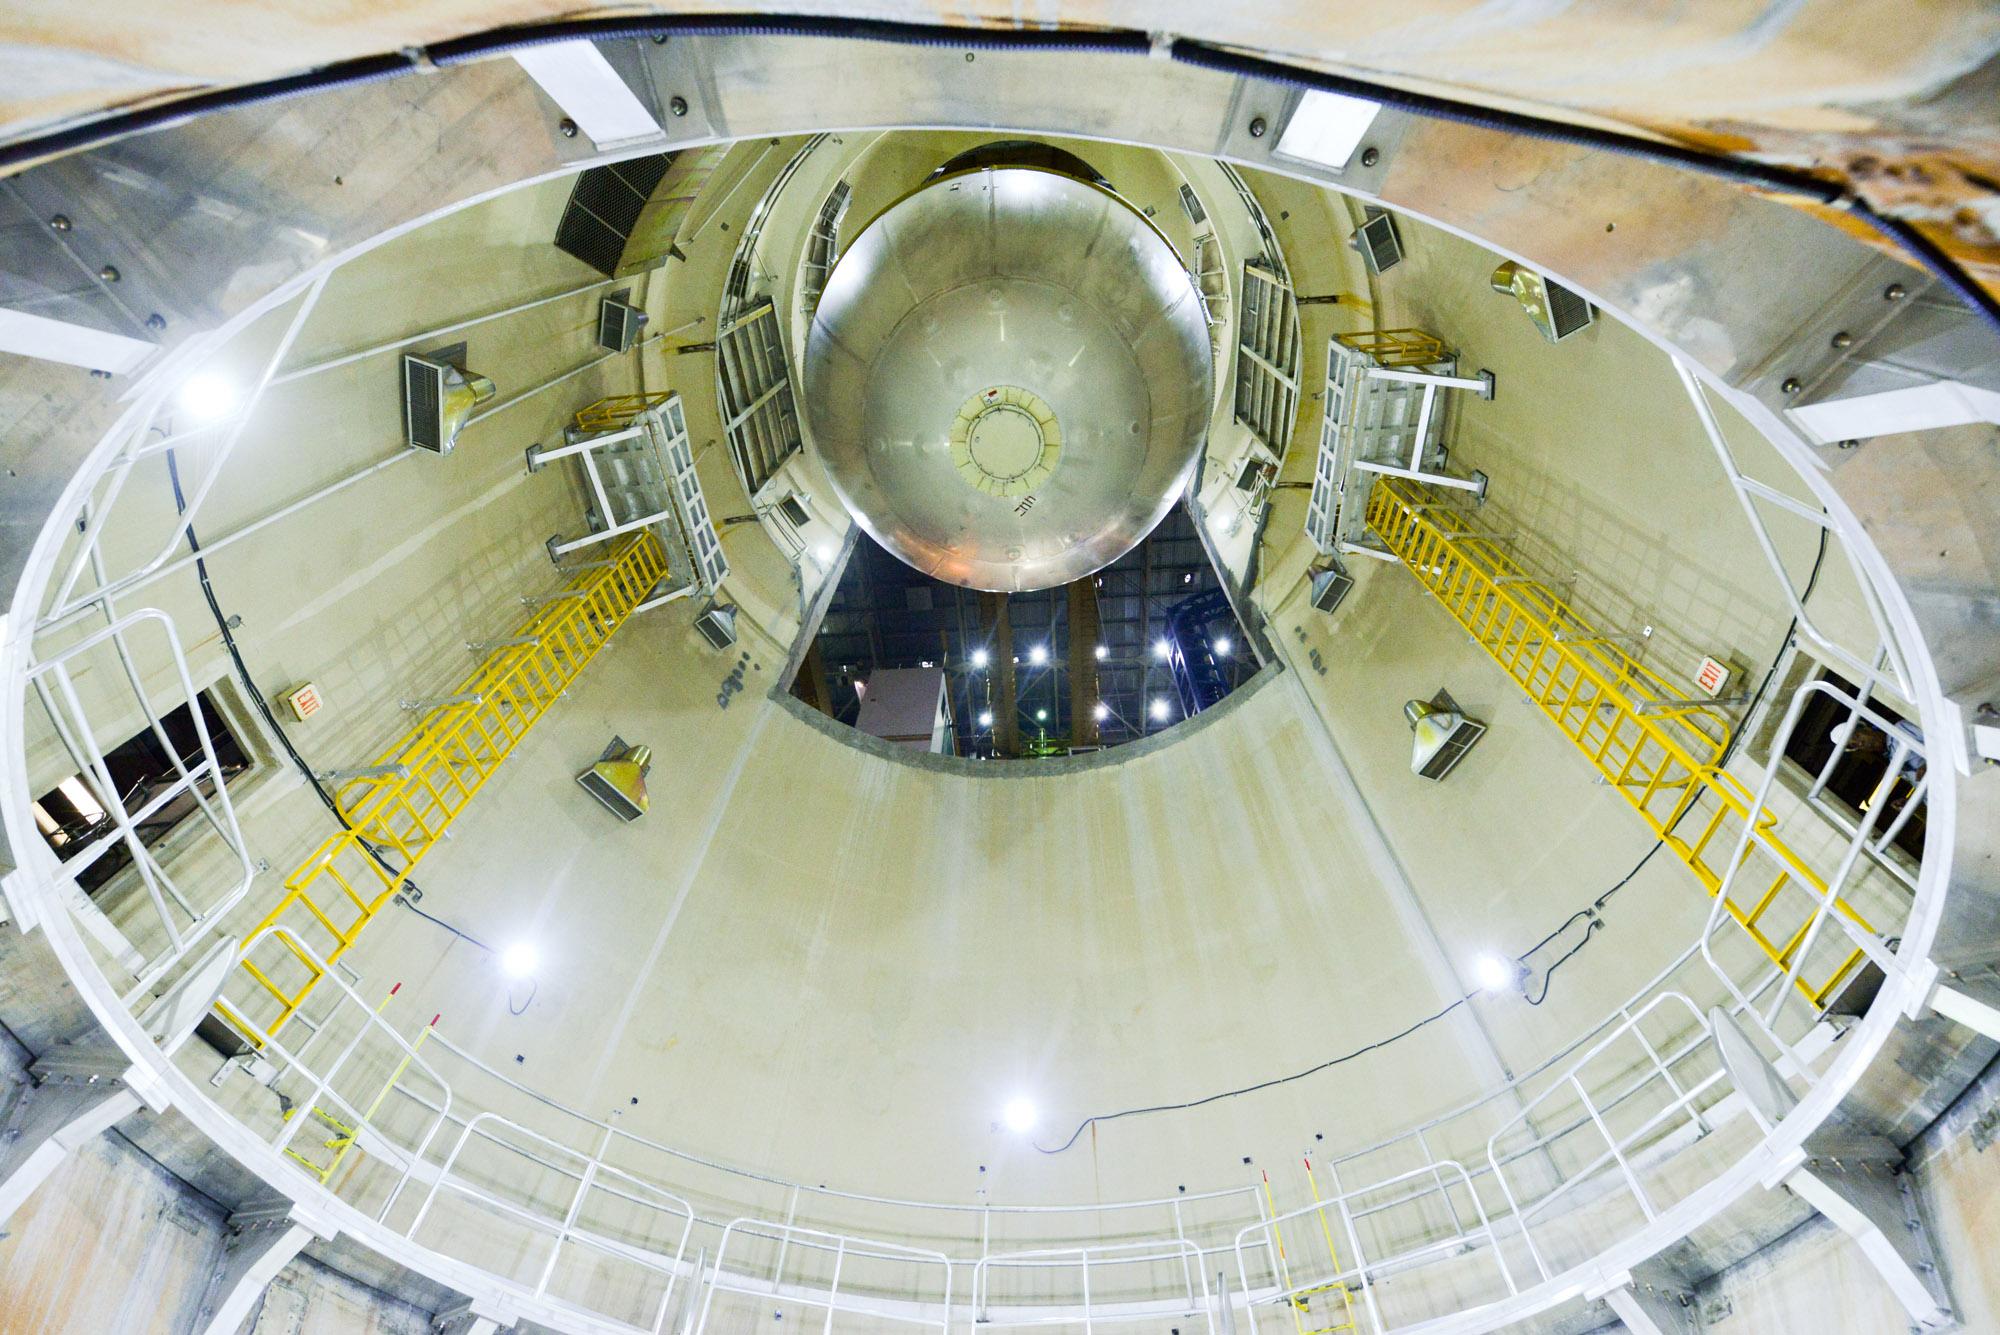 Technicians Prepare To Clean Rocket Fuel Tank Nasa